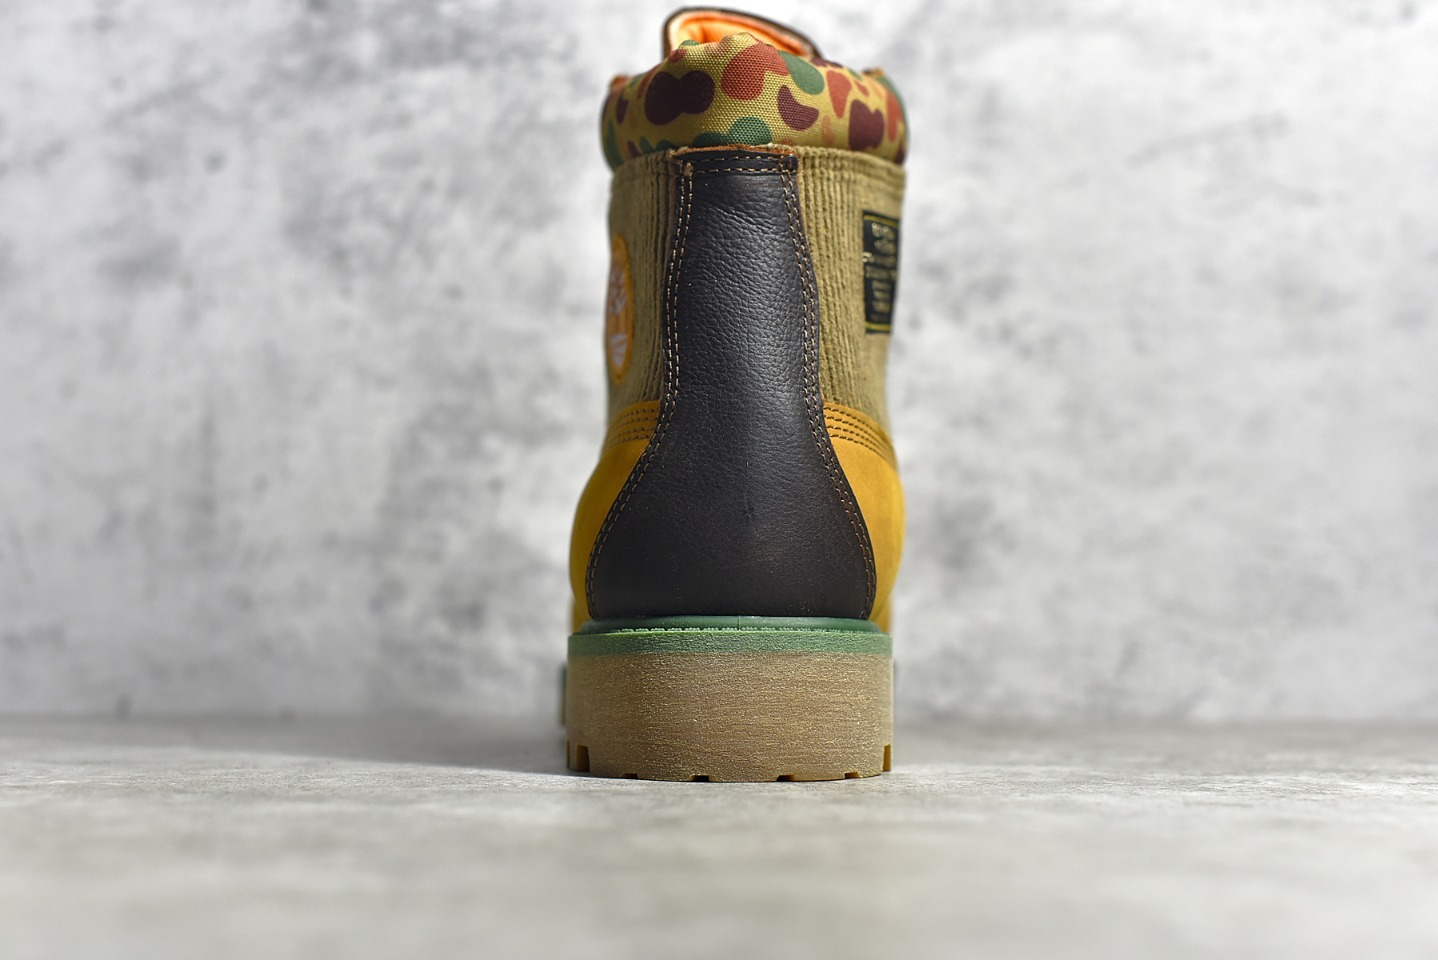 天伯伦联名限量版大黄靴 Timberland Palace 添柏岚OA1UBW周年限量联名款代购指定版本-潮流者之家